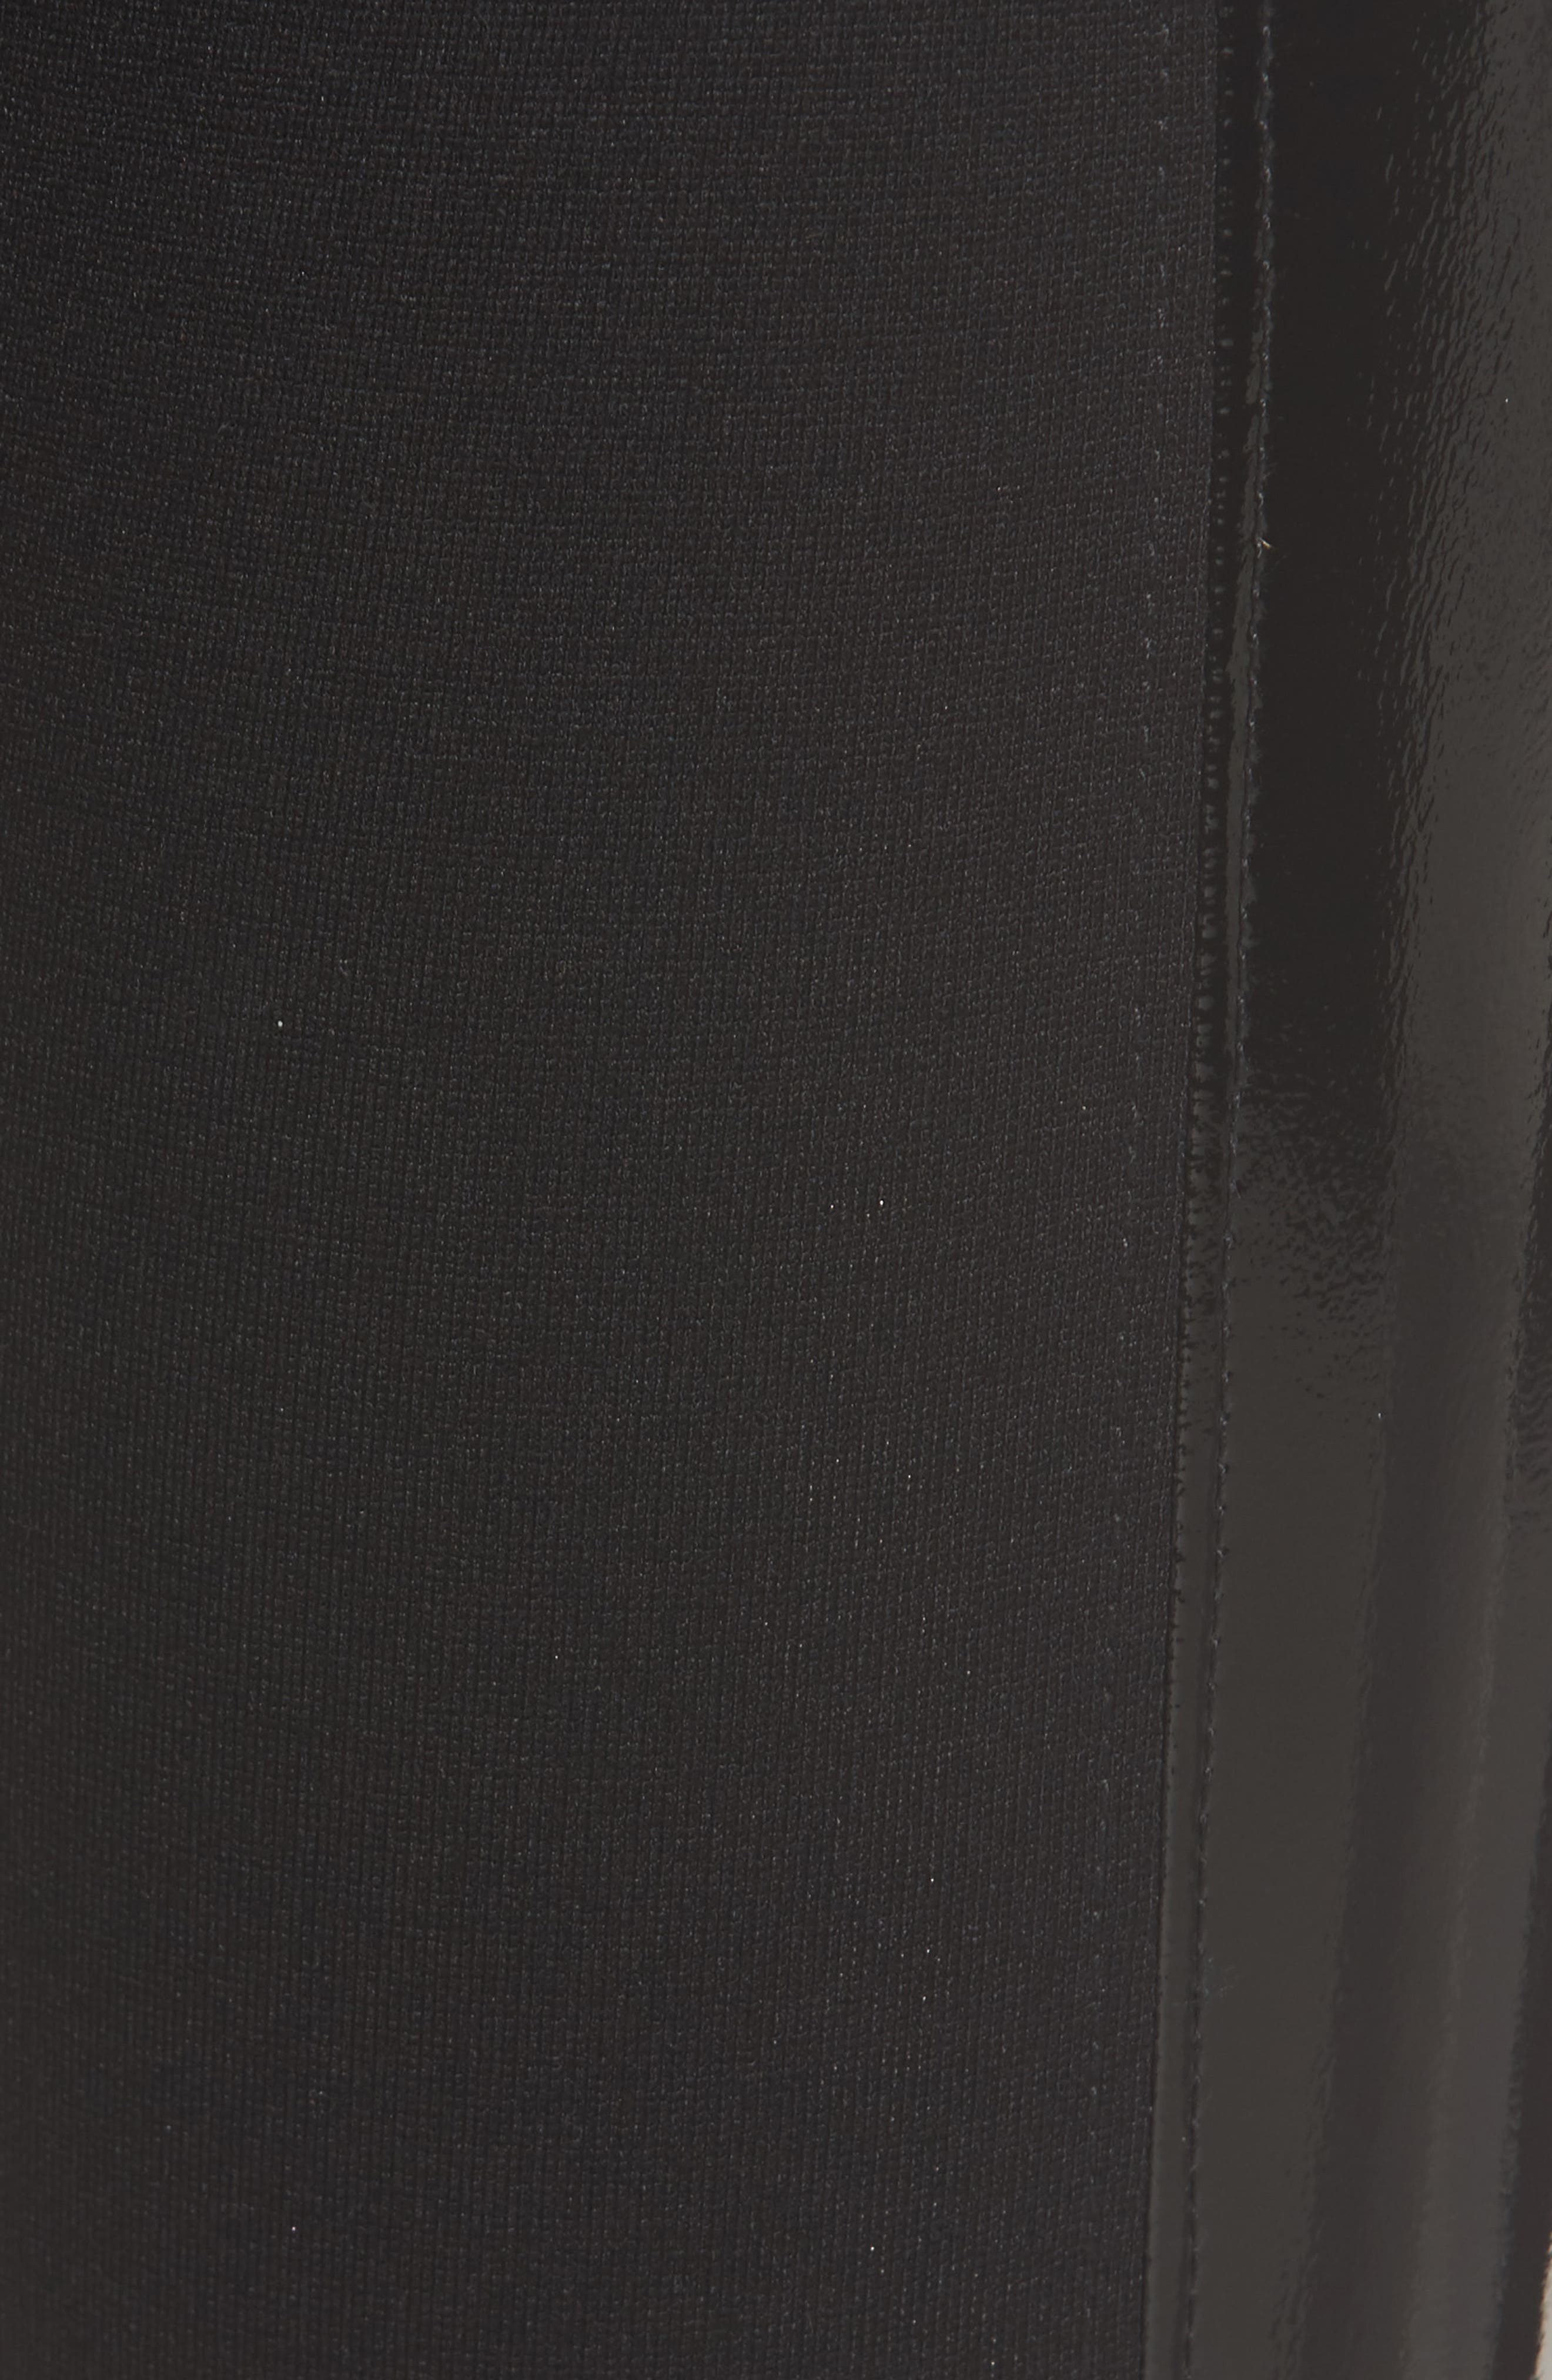 Starburst High Waist Leggings,                             Alternate thumbnail 6, color,                             Black